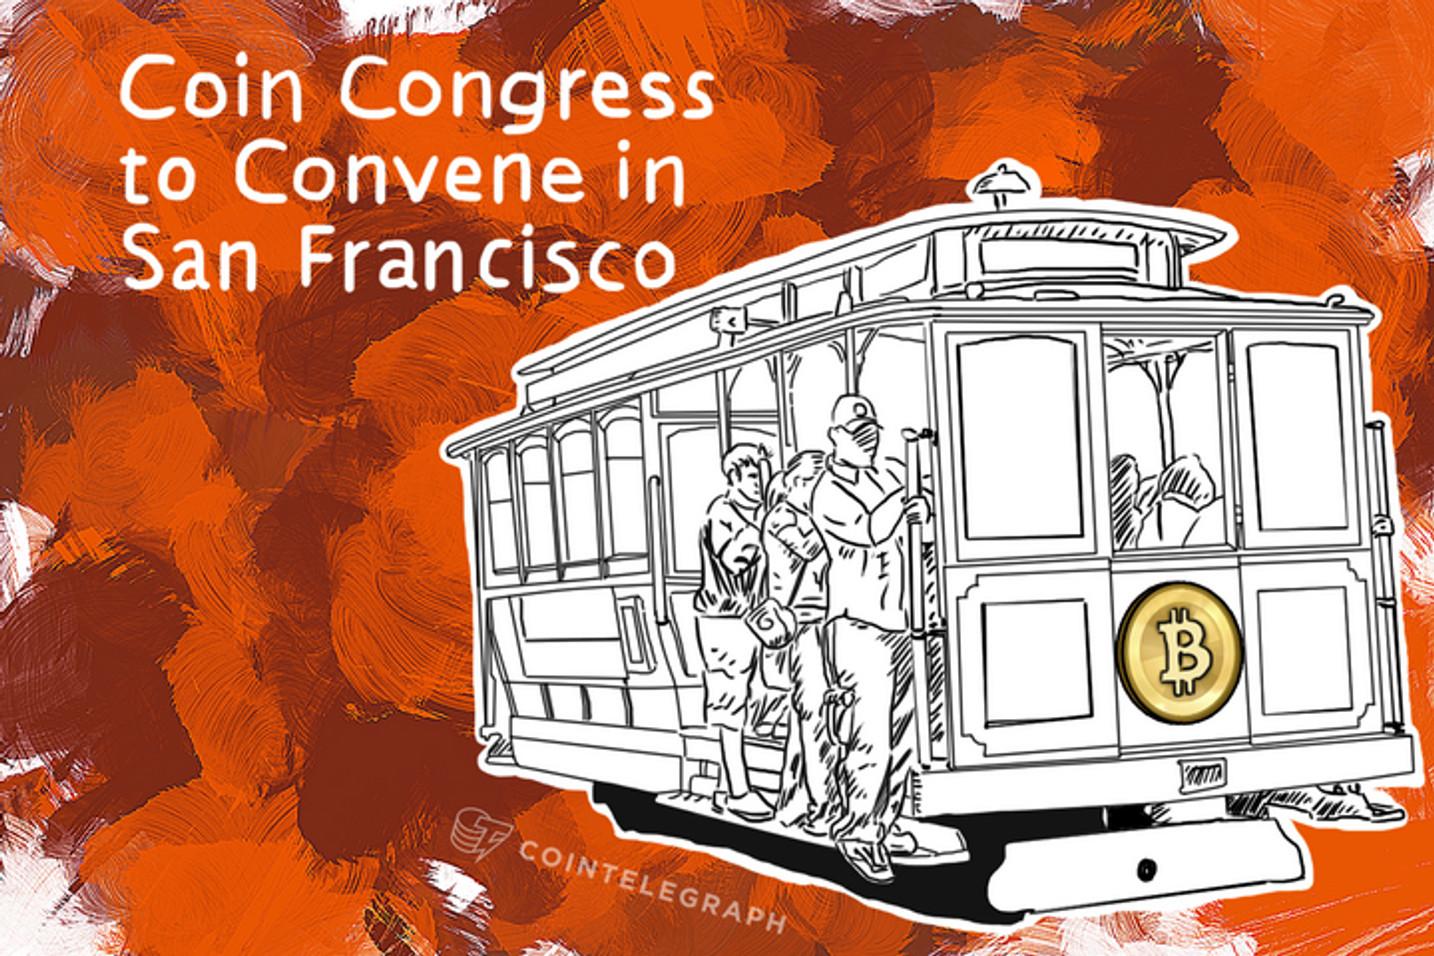 Coin Congress to Convene in San Francisco